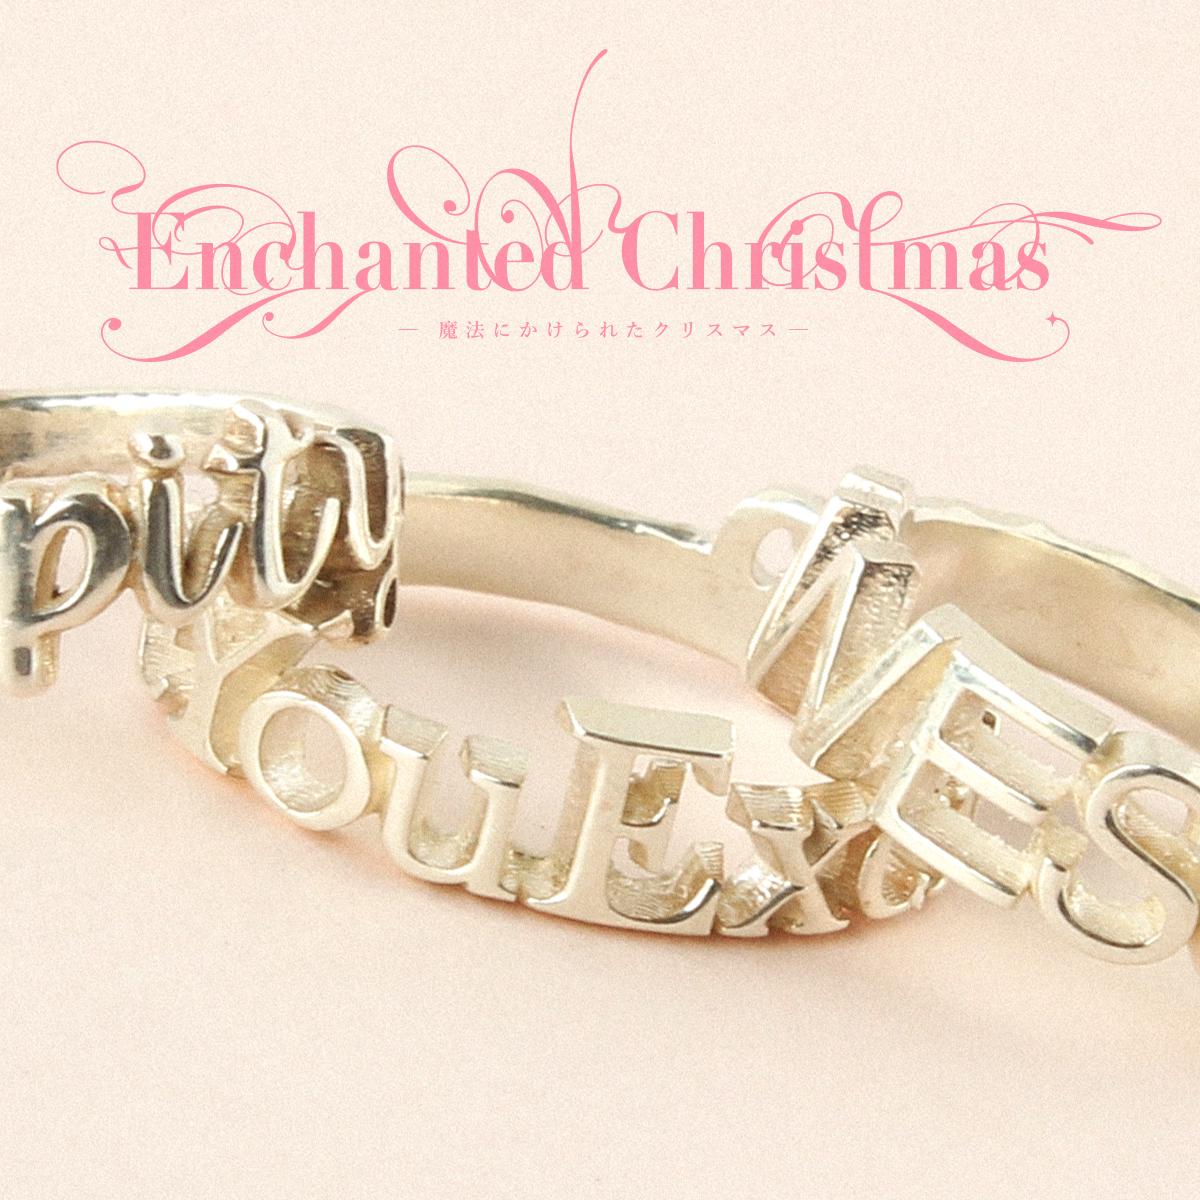 e.m._enchanted christmas_lettering